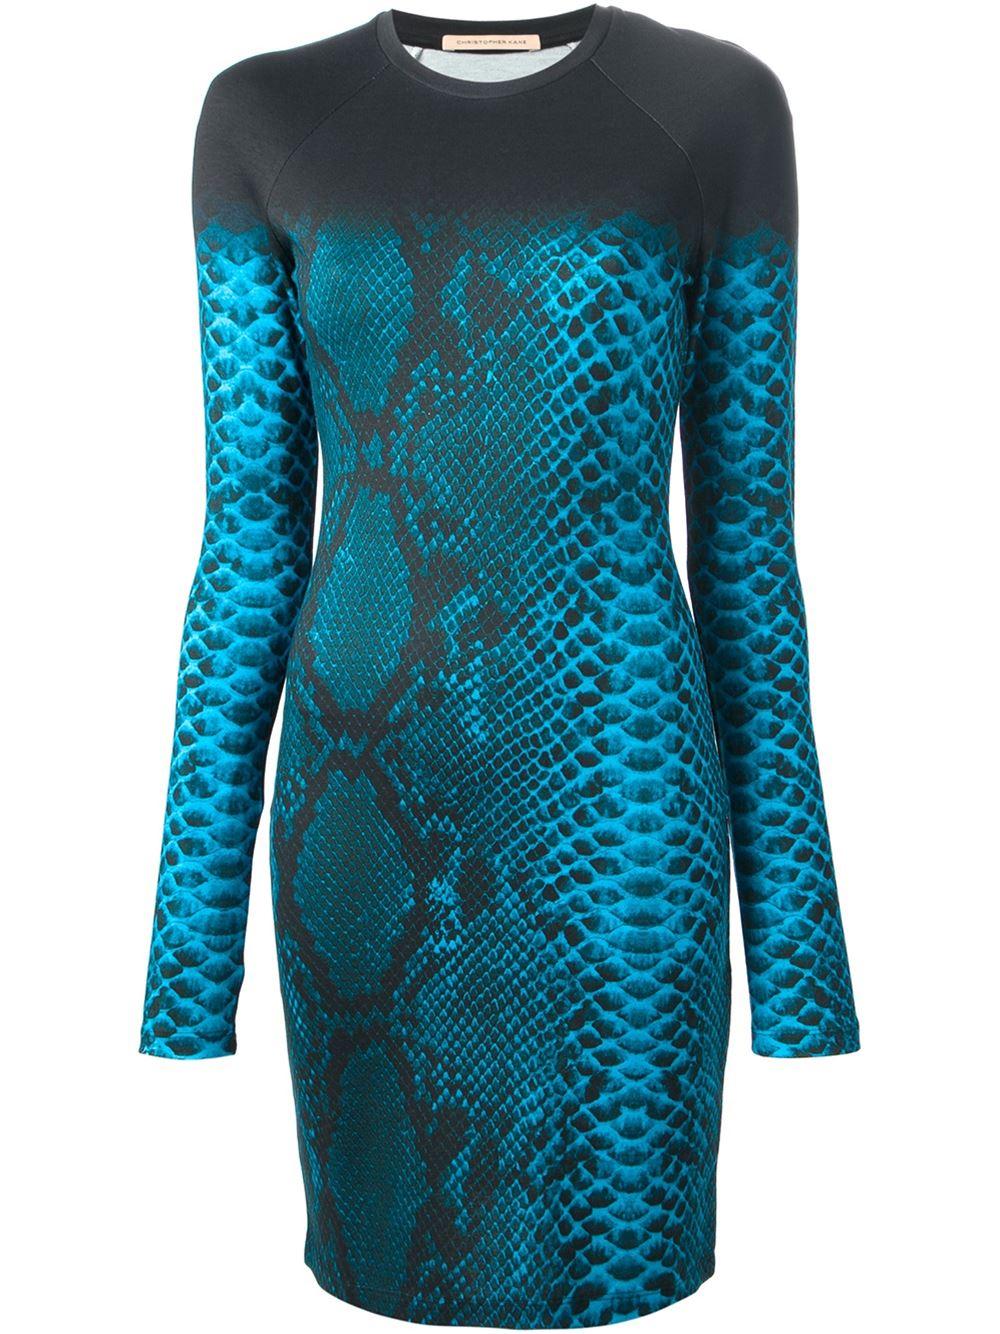 Christopher Kane Snakeskin Print Dress In Blue Lyst